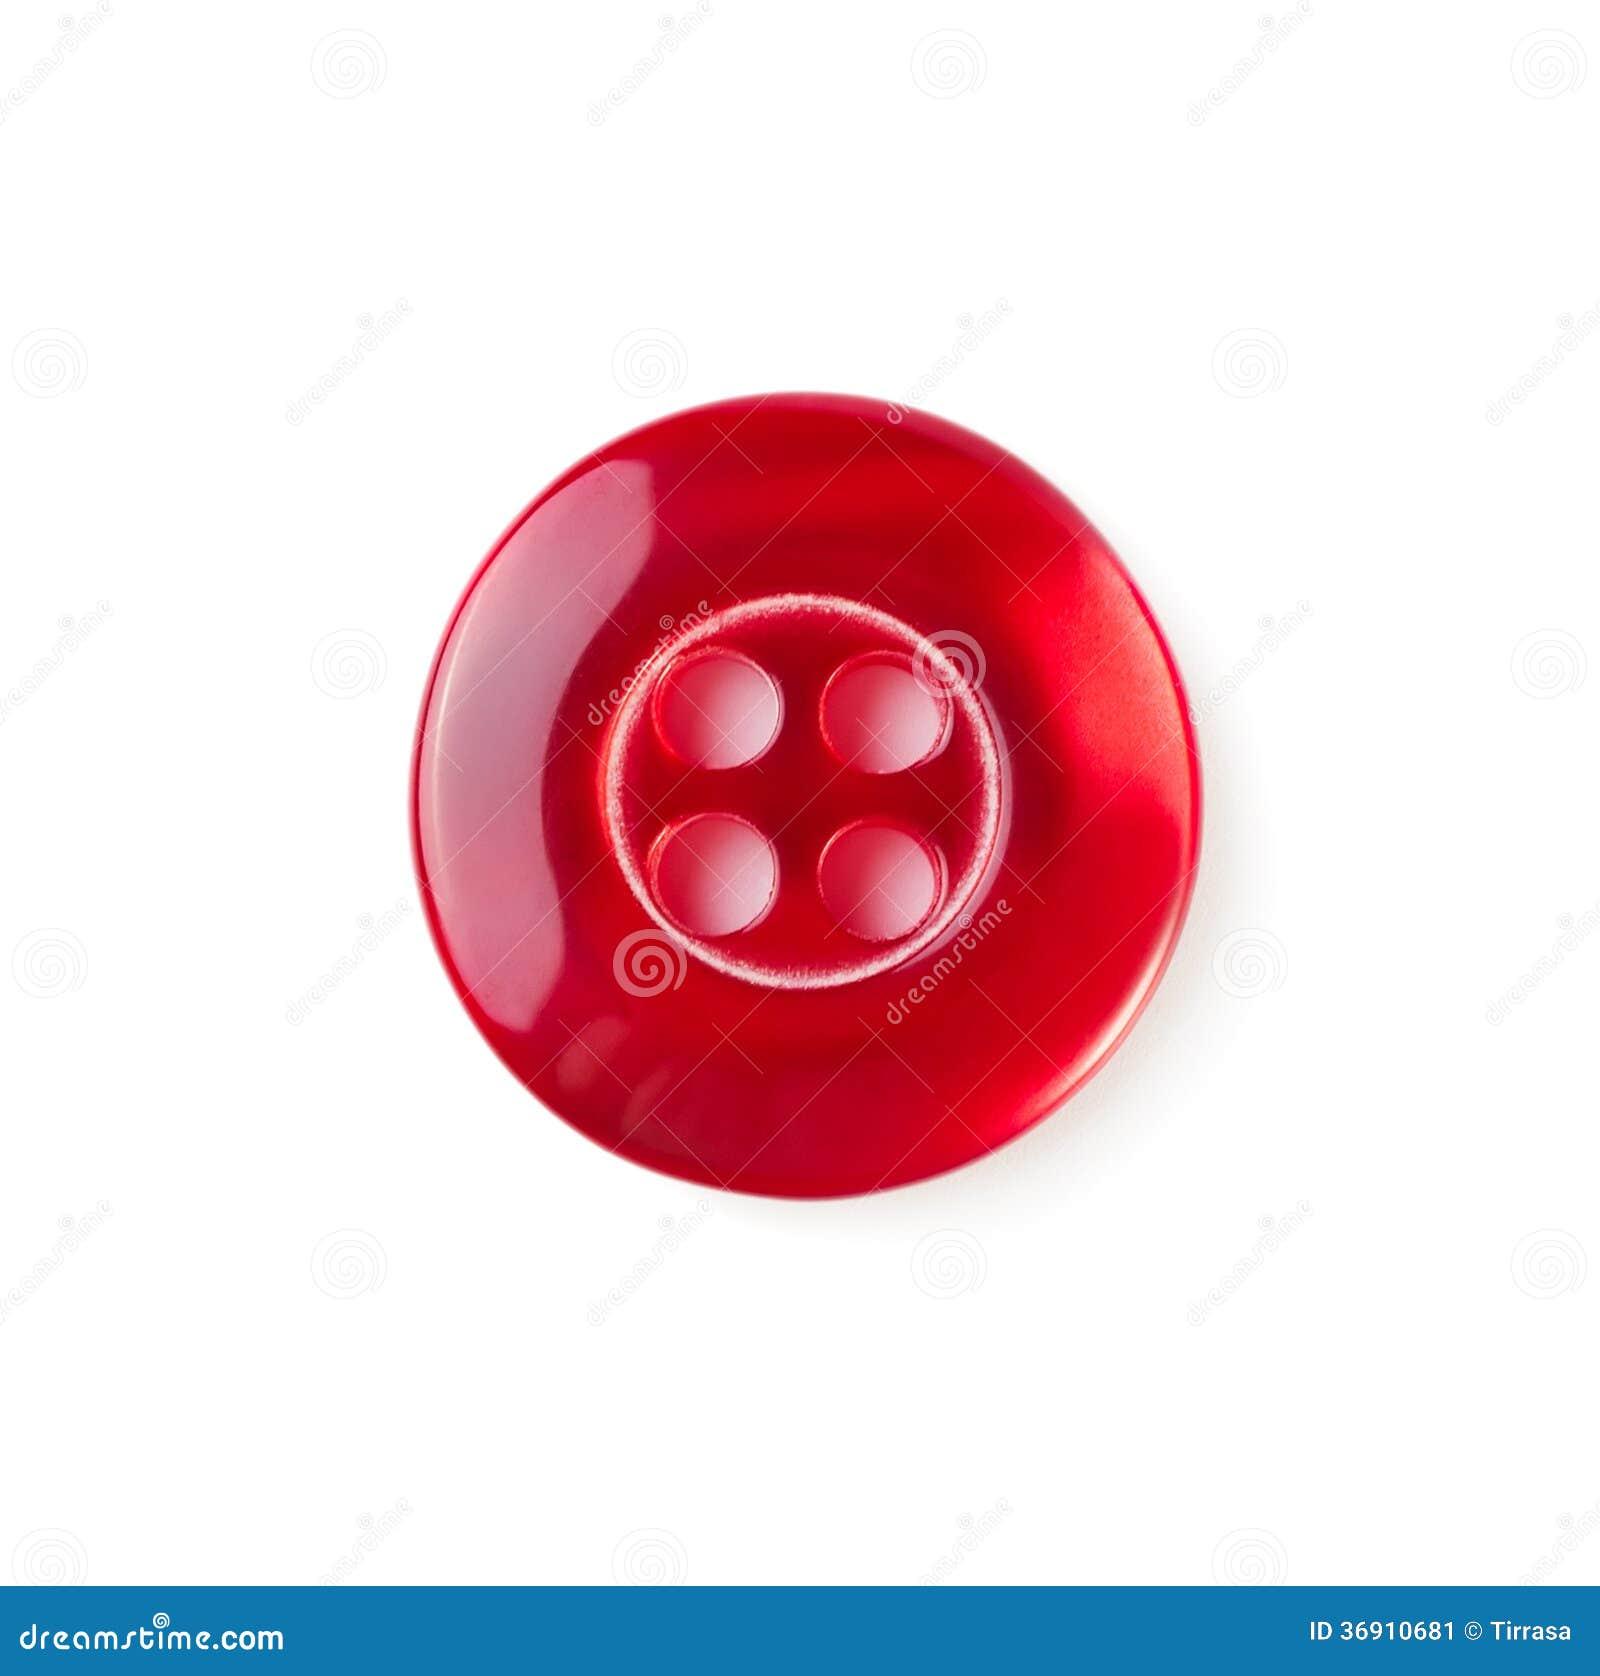 Modern dressmaker buttons - Red Sewing Button